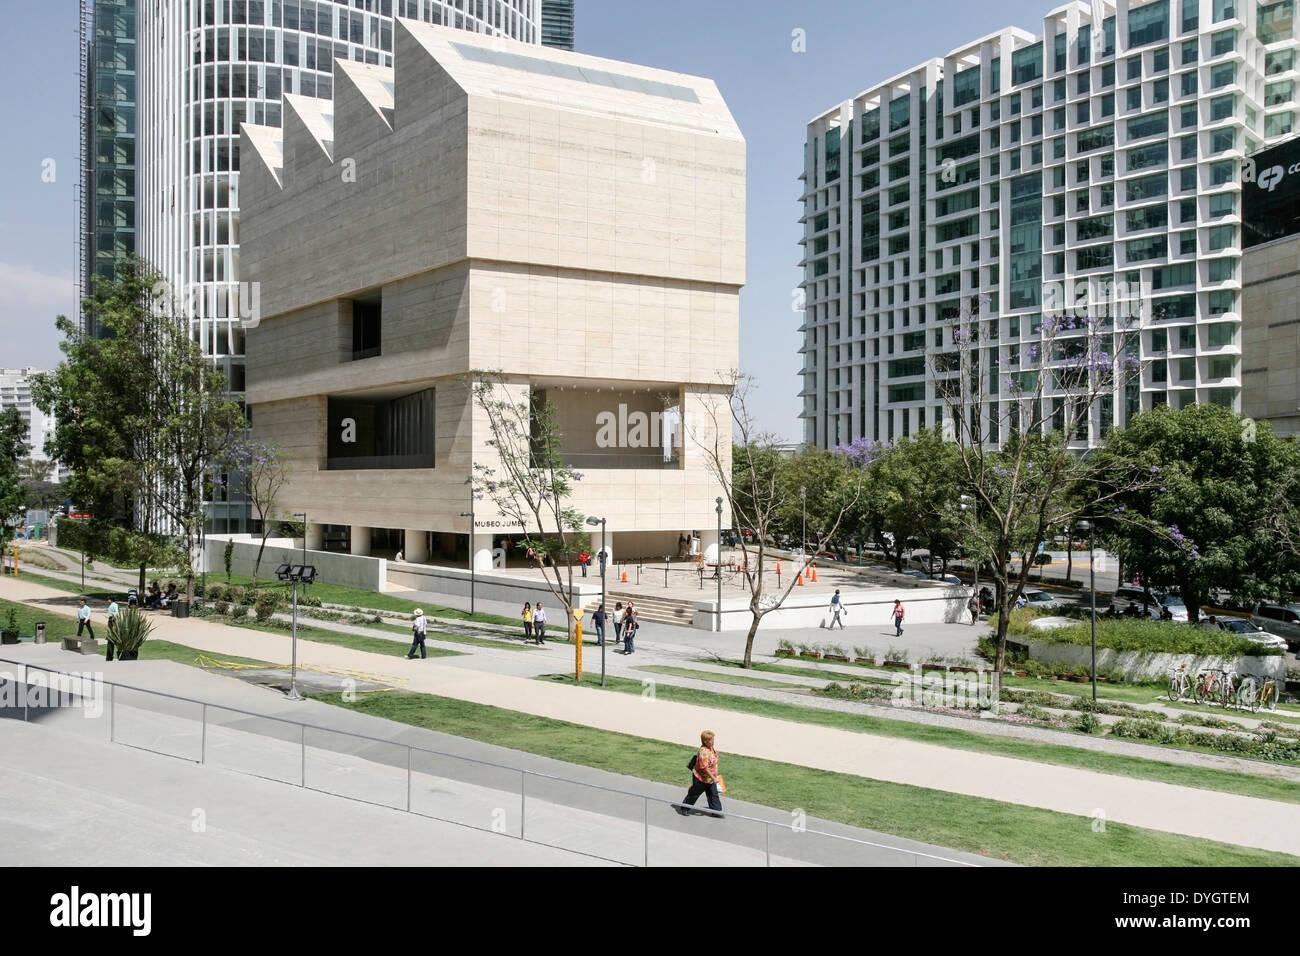 Extérieur élégant de travertin clad Museo Jumex dans son contexte d'utilisation mixte Plaza Carso avec des tours d'appartements & office building Photo Stock